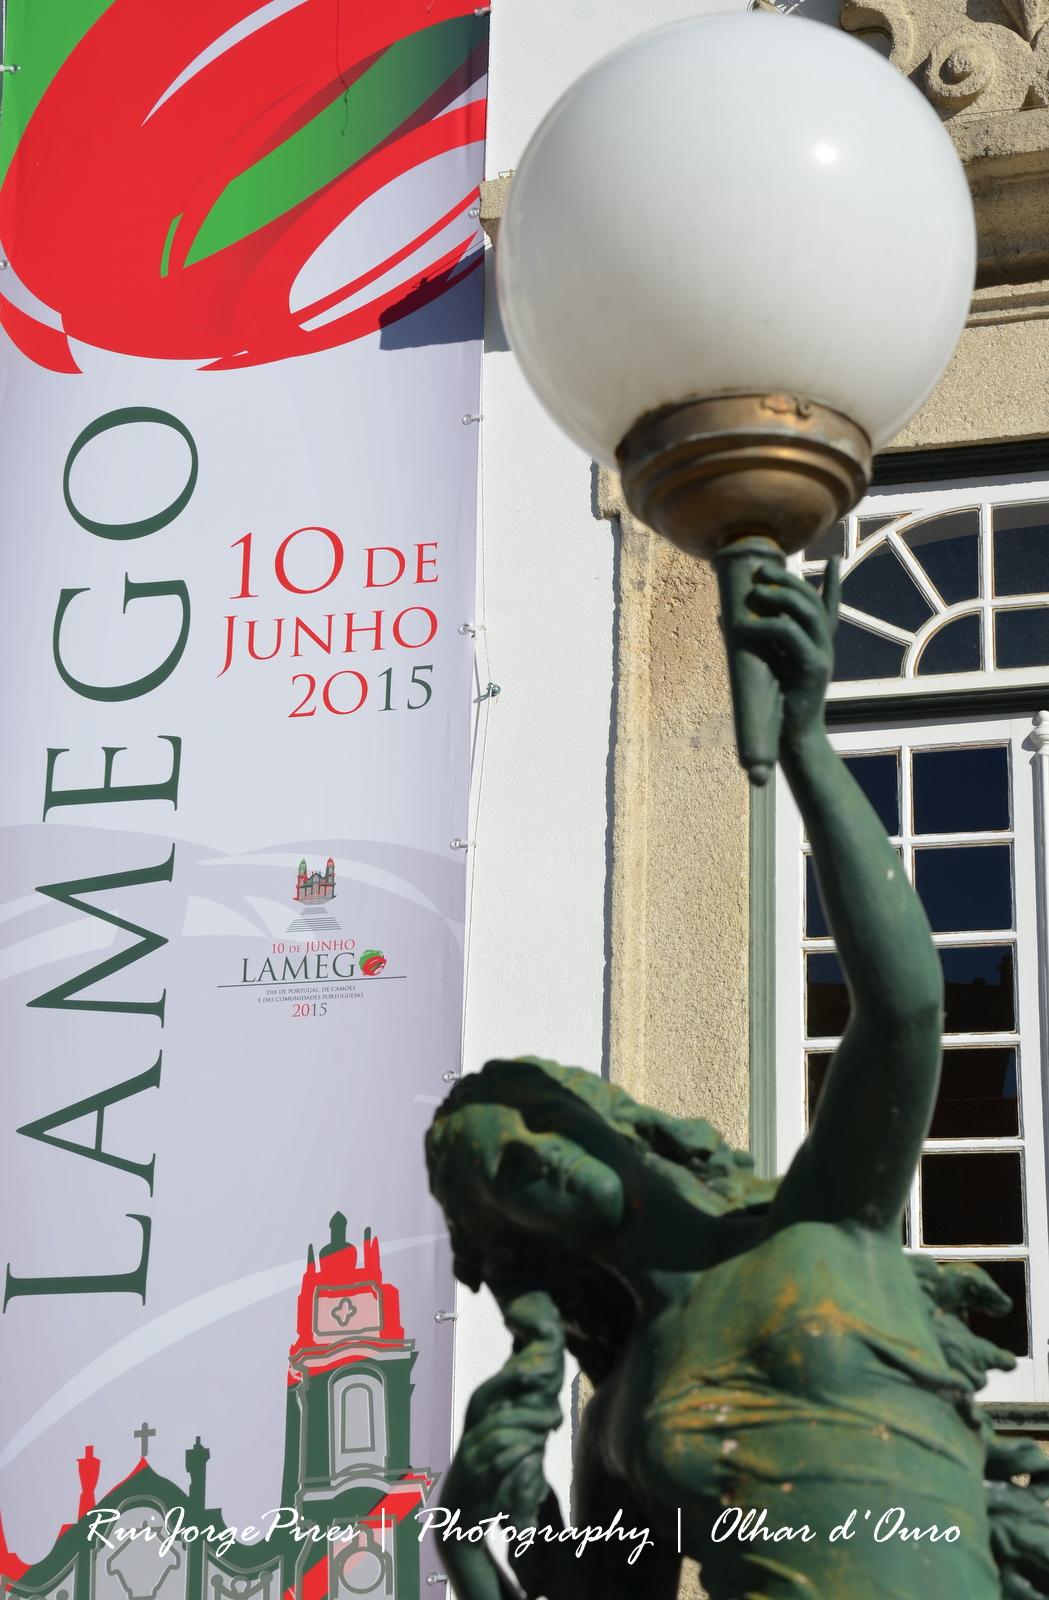 Imagens das comemorações do Dia 10 de Junho 2015 em lamego.